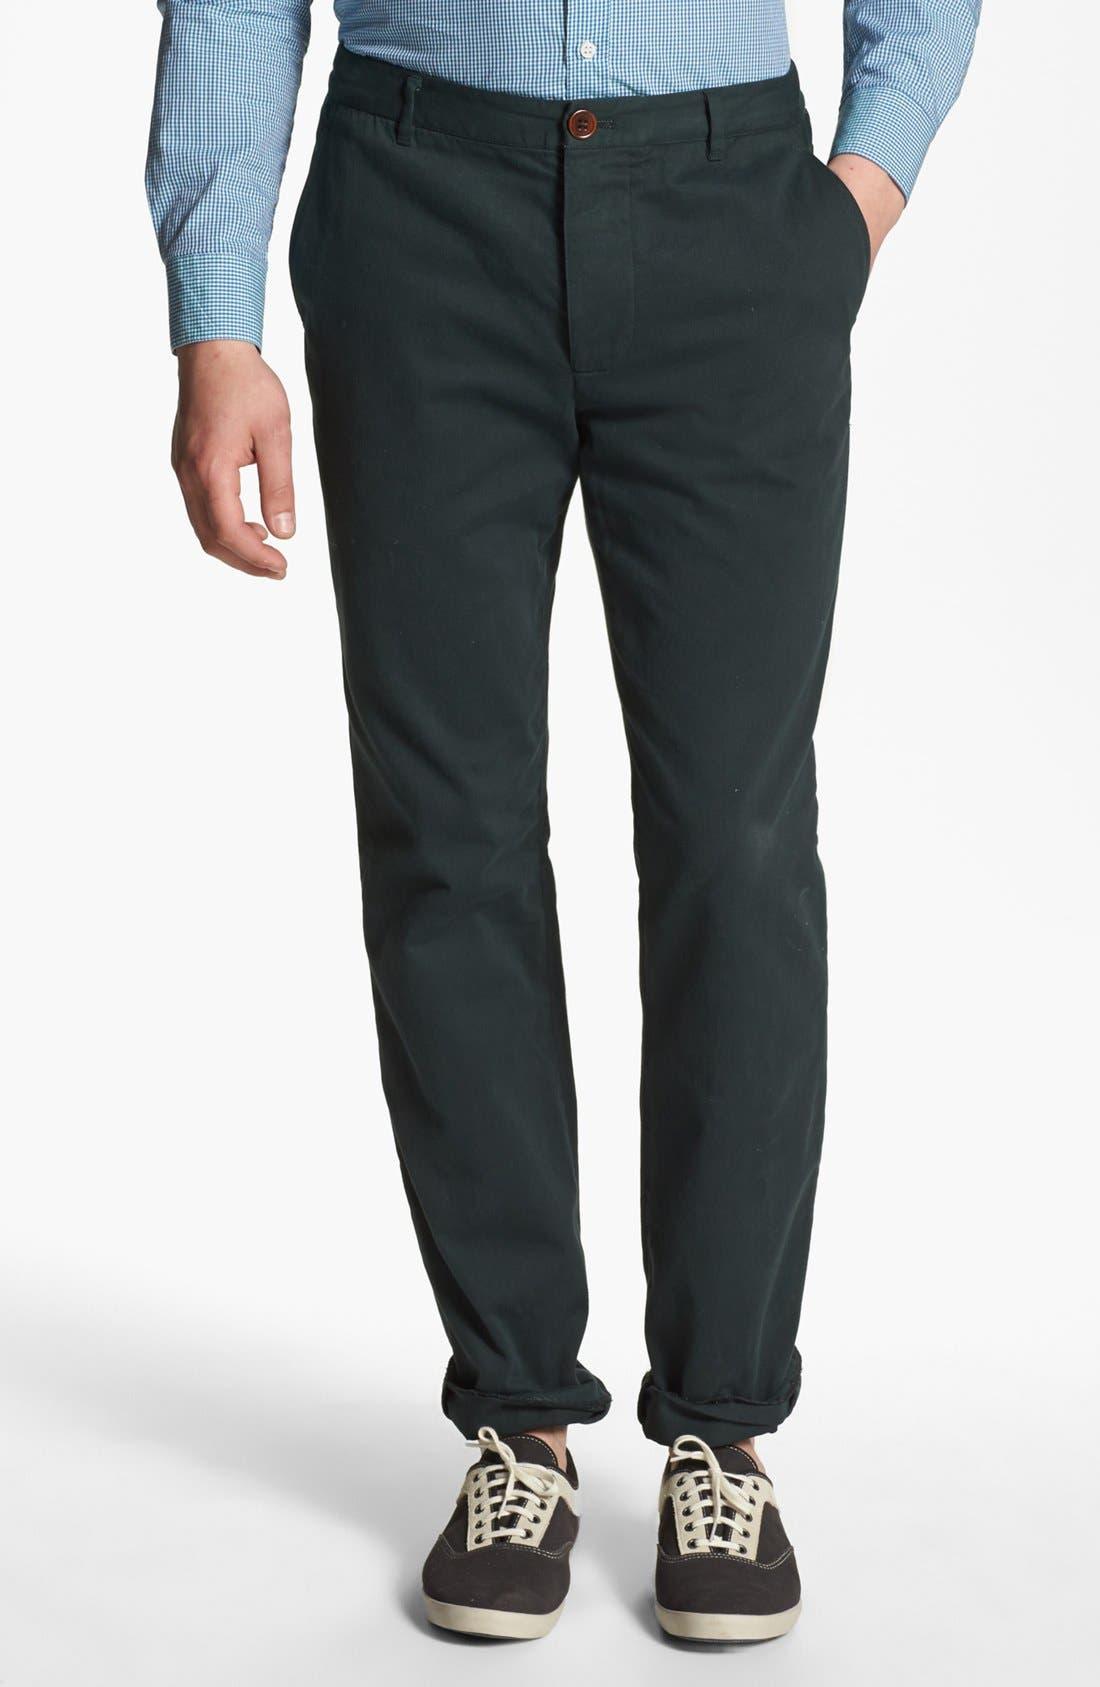 SHIPLEY & HALMOS 'Belmont' Slim Fit Pants, Main, color, 342